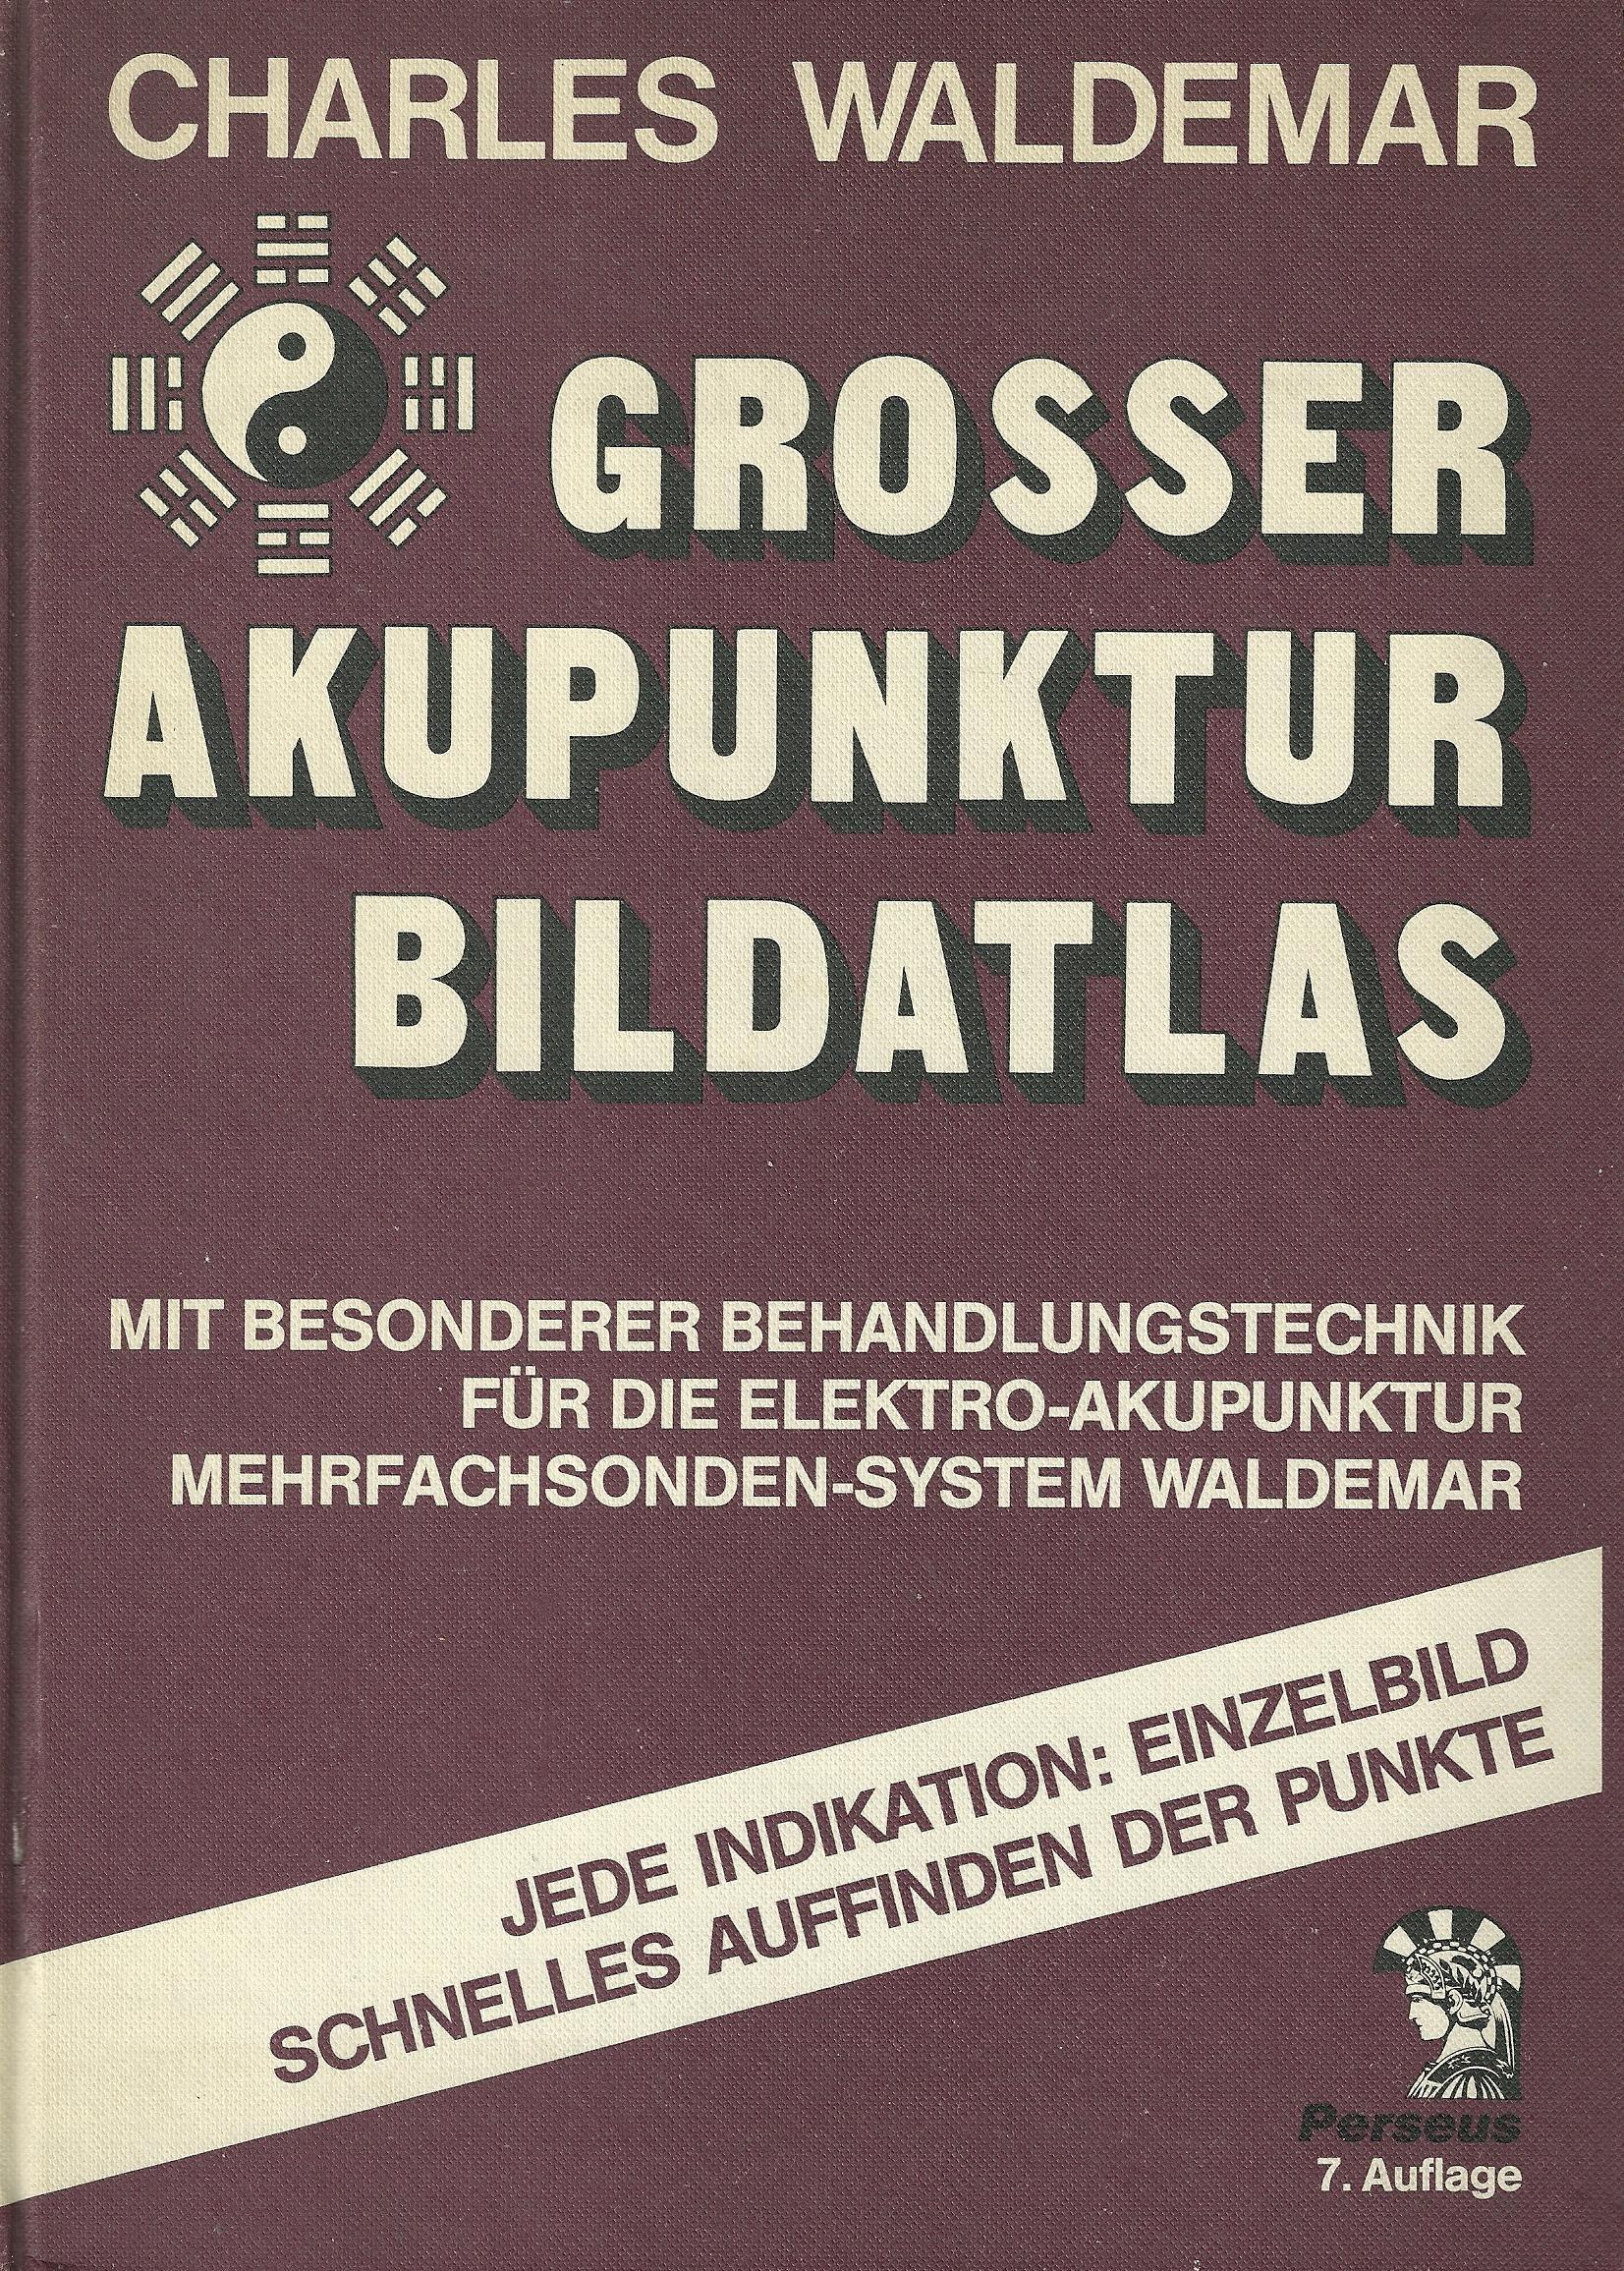 Grosser Akupunktur Bildatlas - Mit besonderer Behandlungstechnik für die Elektroakupunktur Mehrfachsonden-System